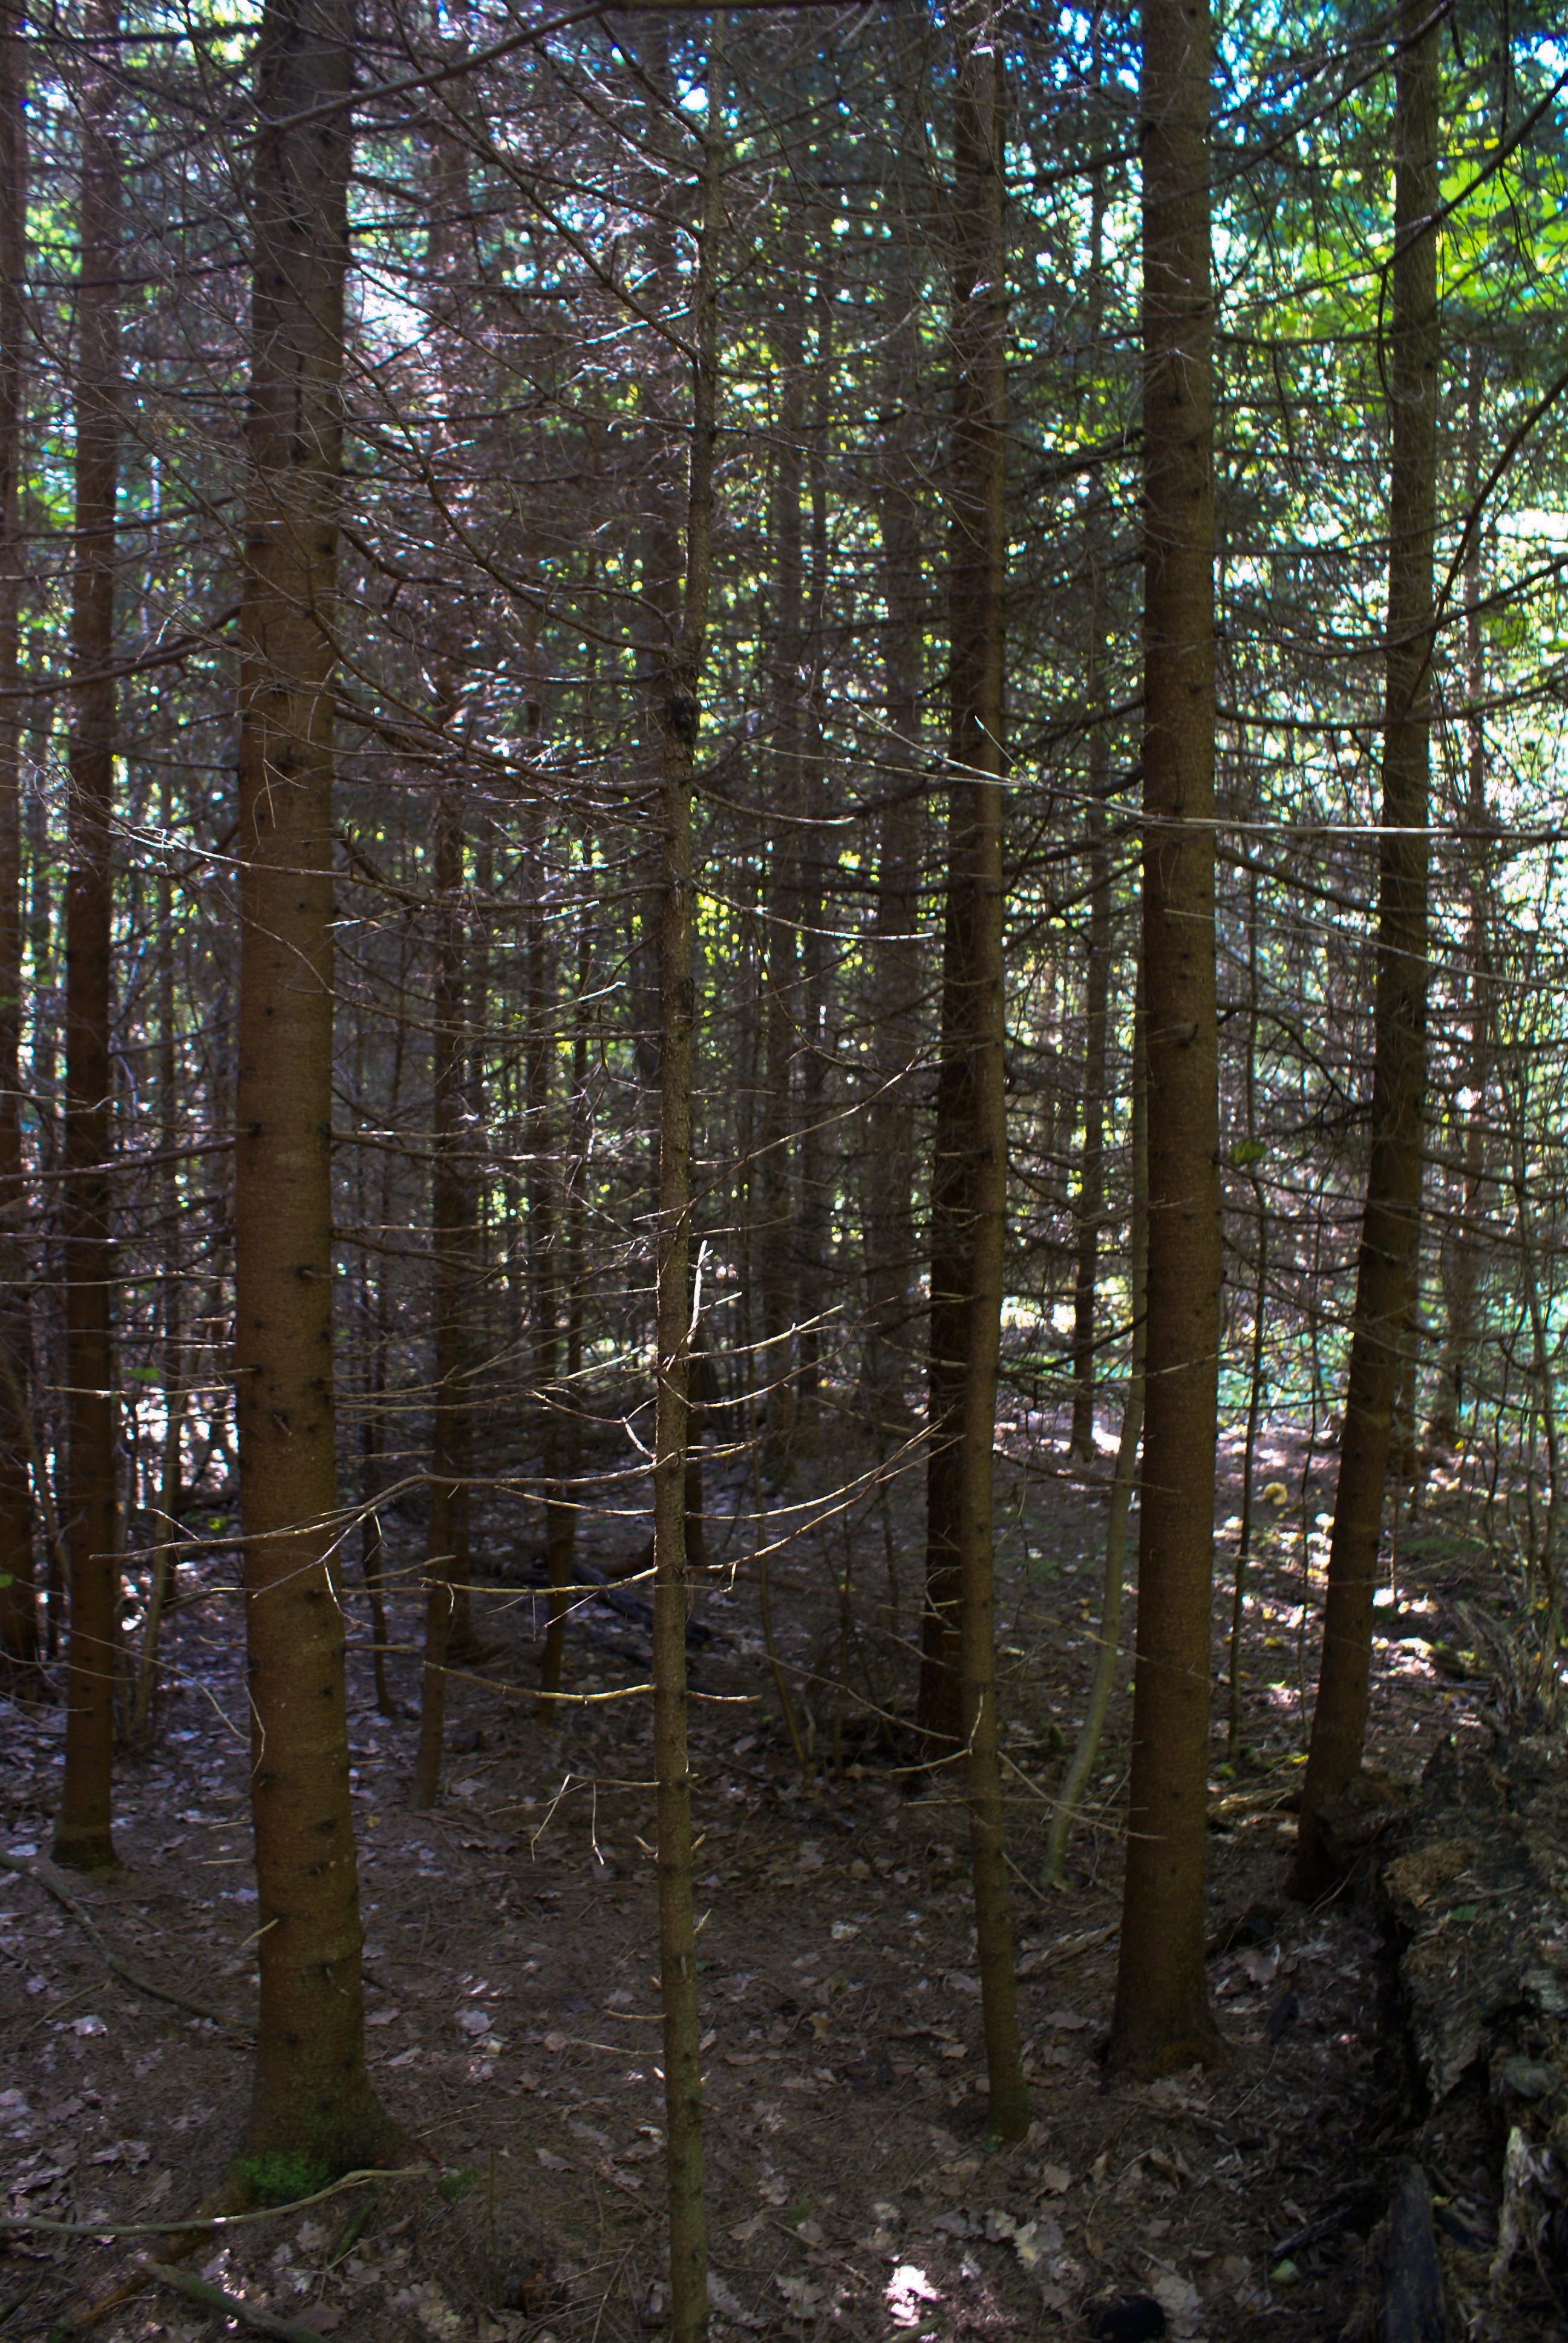 prinudili-v-lesu